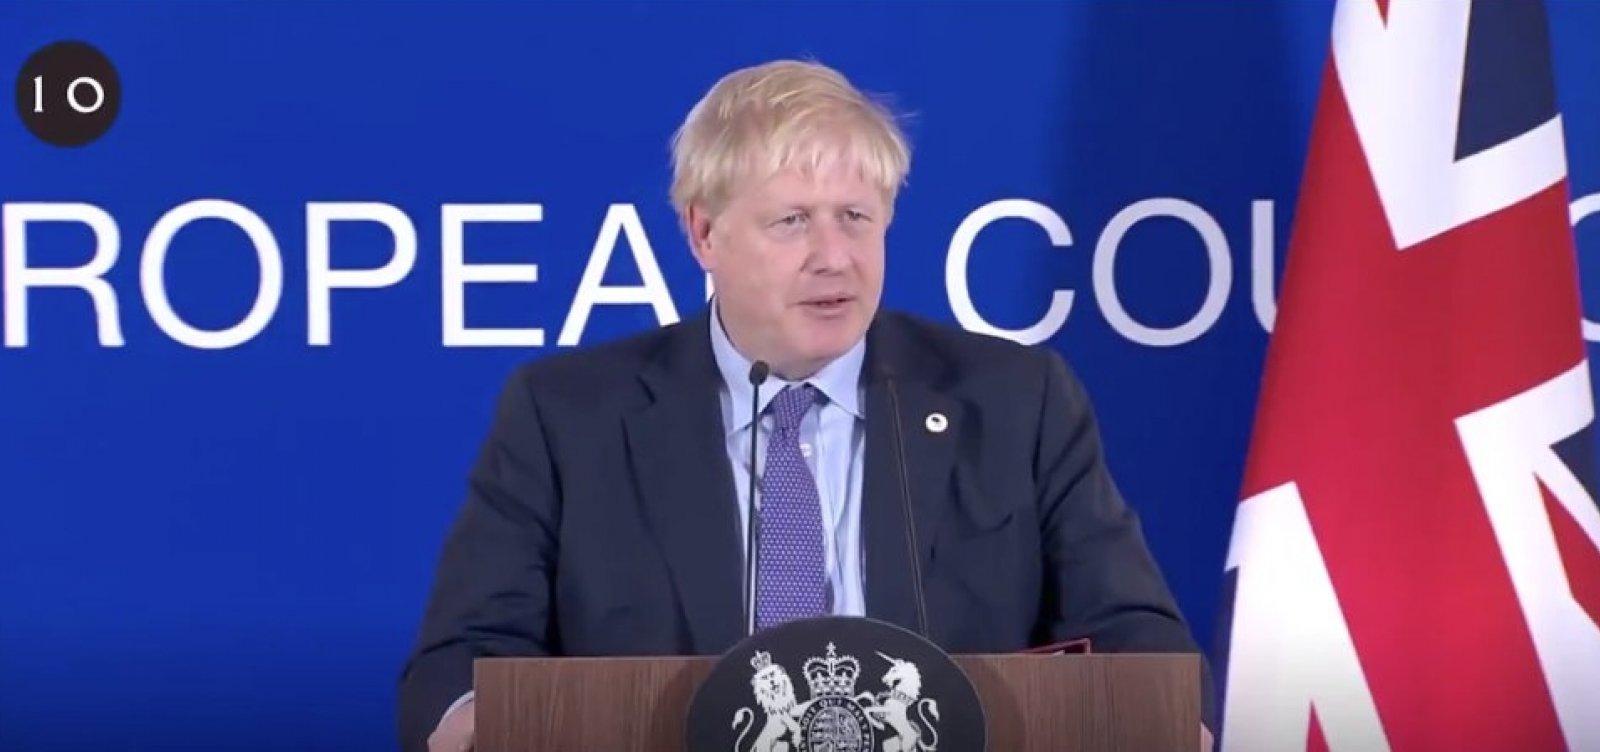 Parlamento britânico adia decisão sobre novo Brexit para 2020